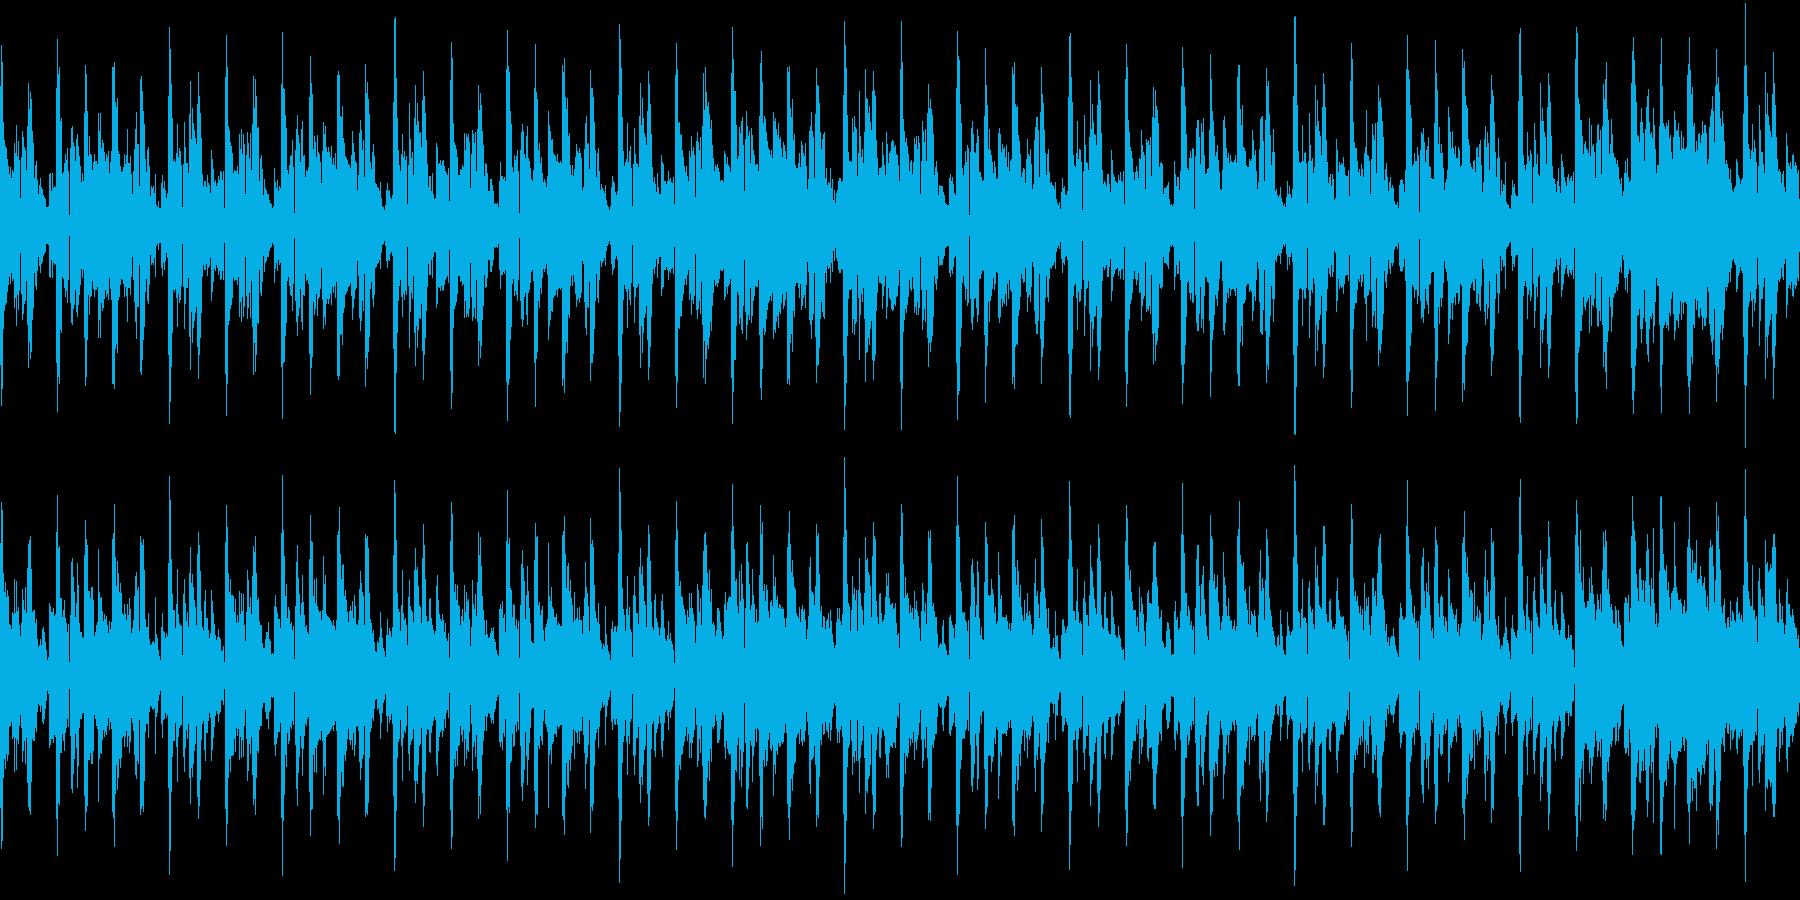 ブラスとエレピのコンビネーションループの再生済みの波形